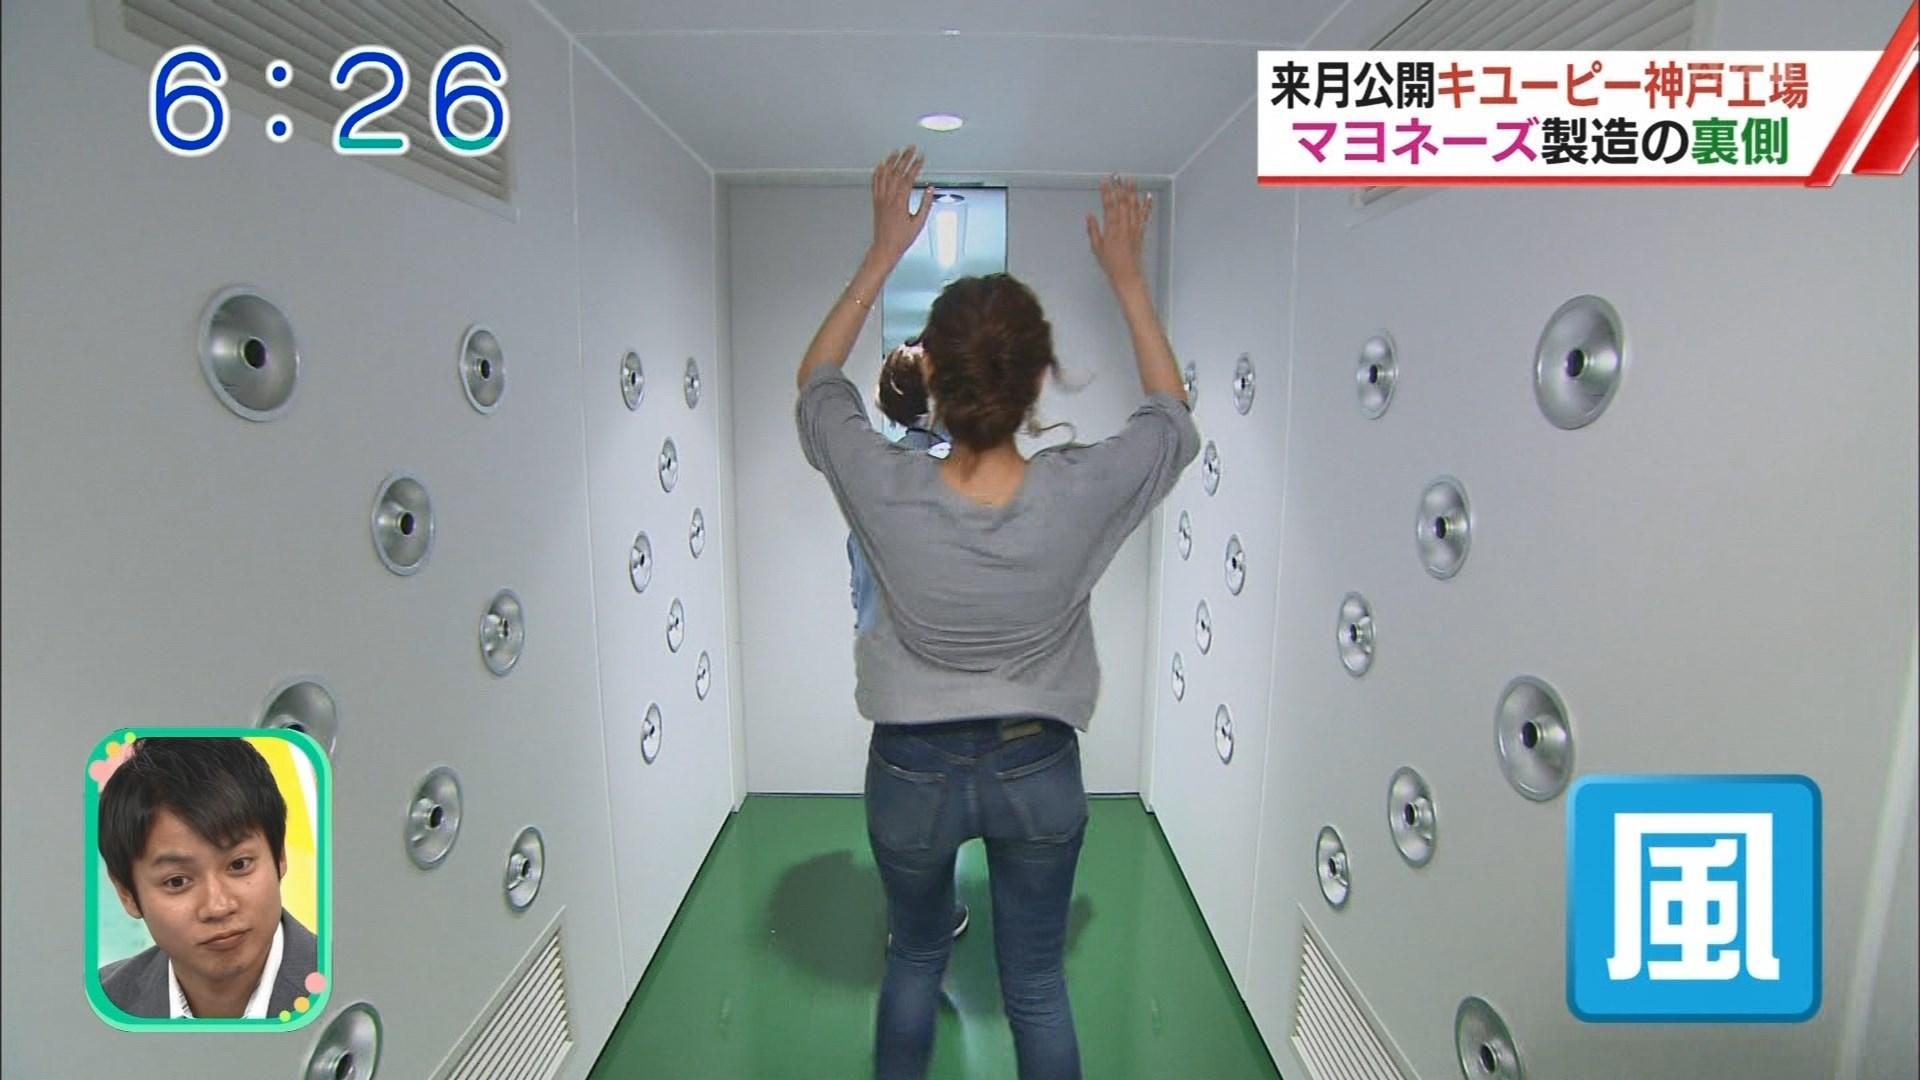 吉岡結紀さんのジーンズパッツパツお下半身が魅力的な関西の朝☆おはようコールABCエロ視線キャプ画像